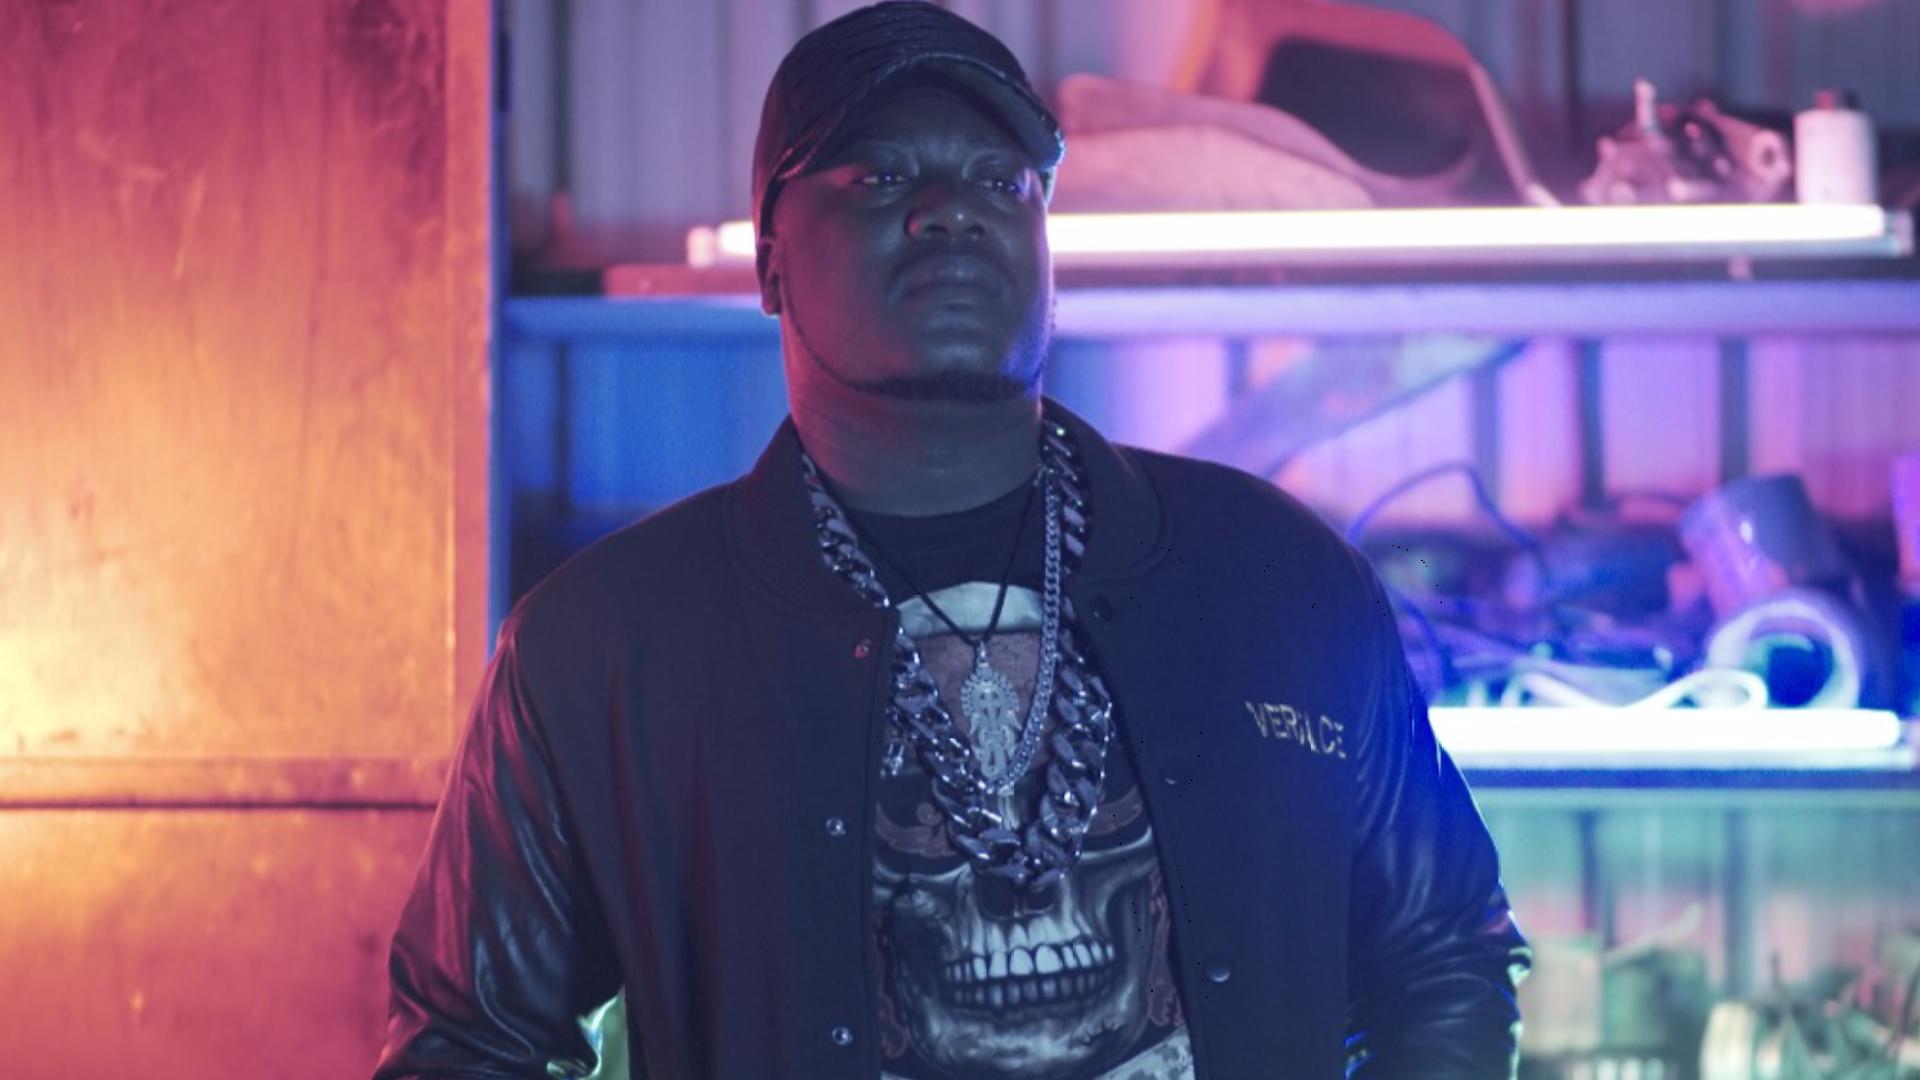 Tefeah Dancehall artist